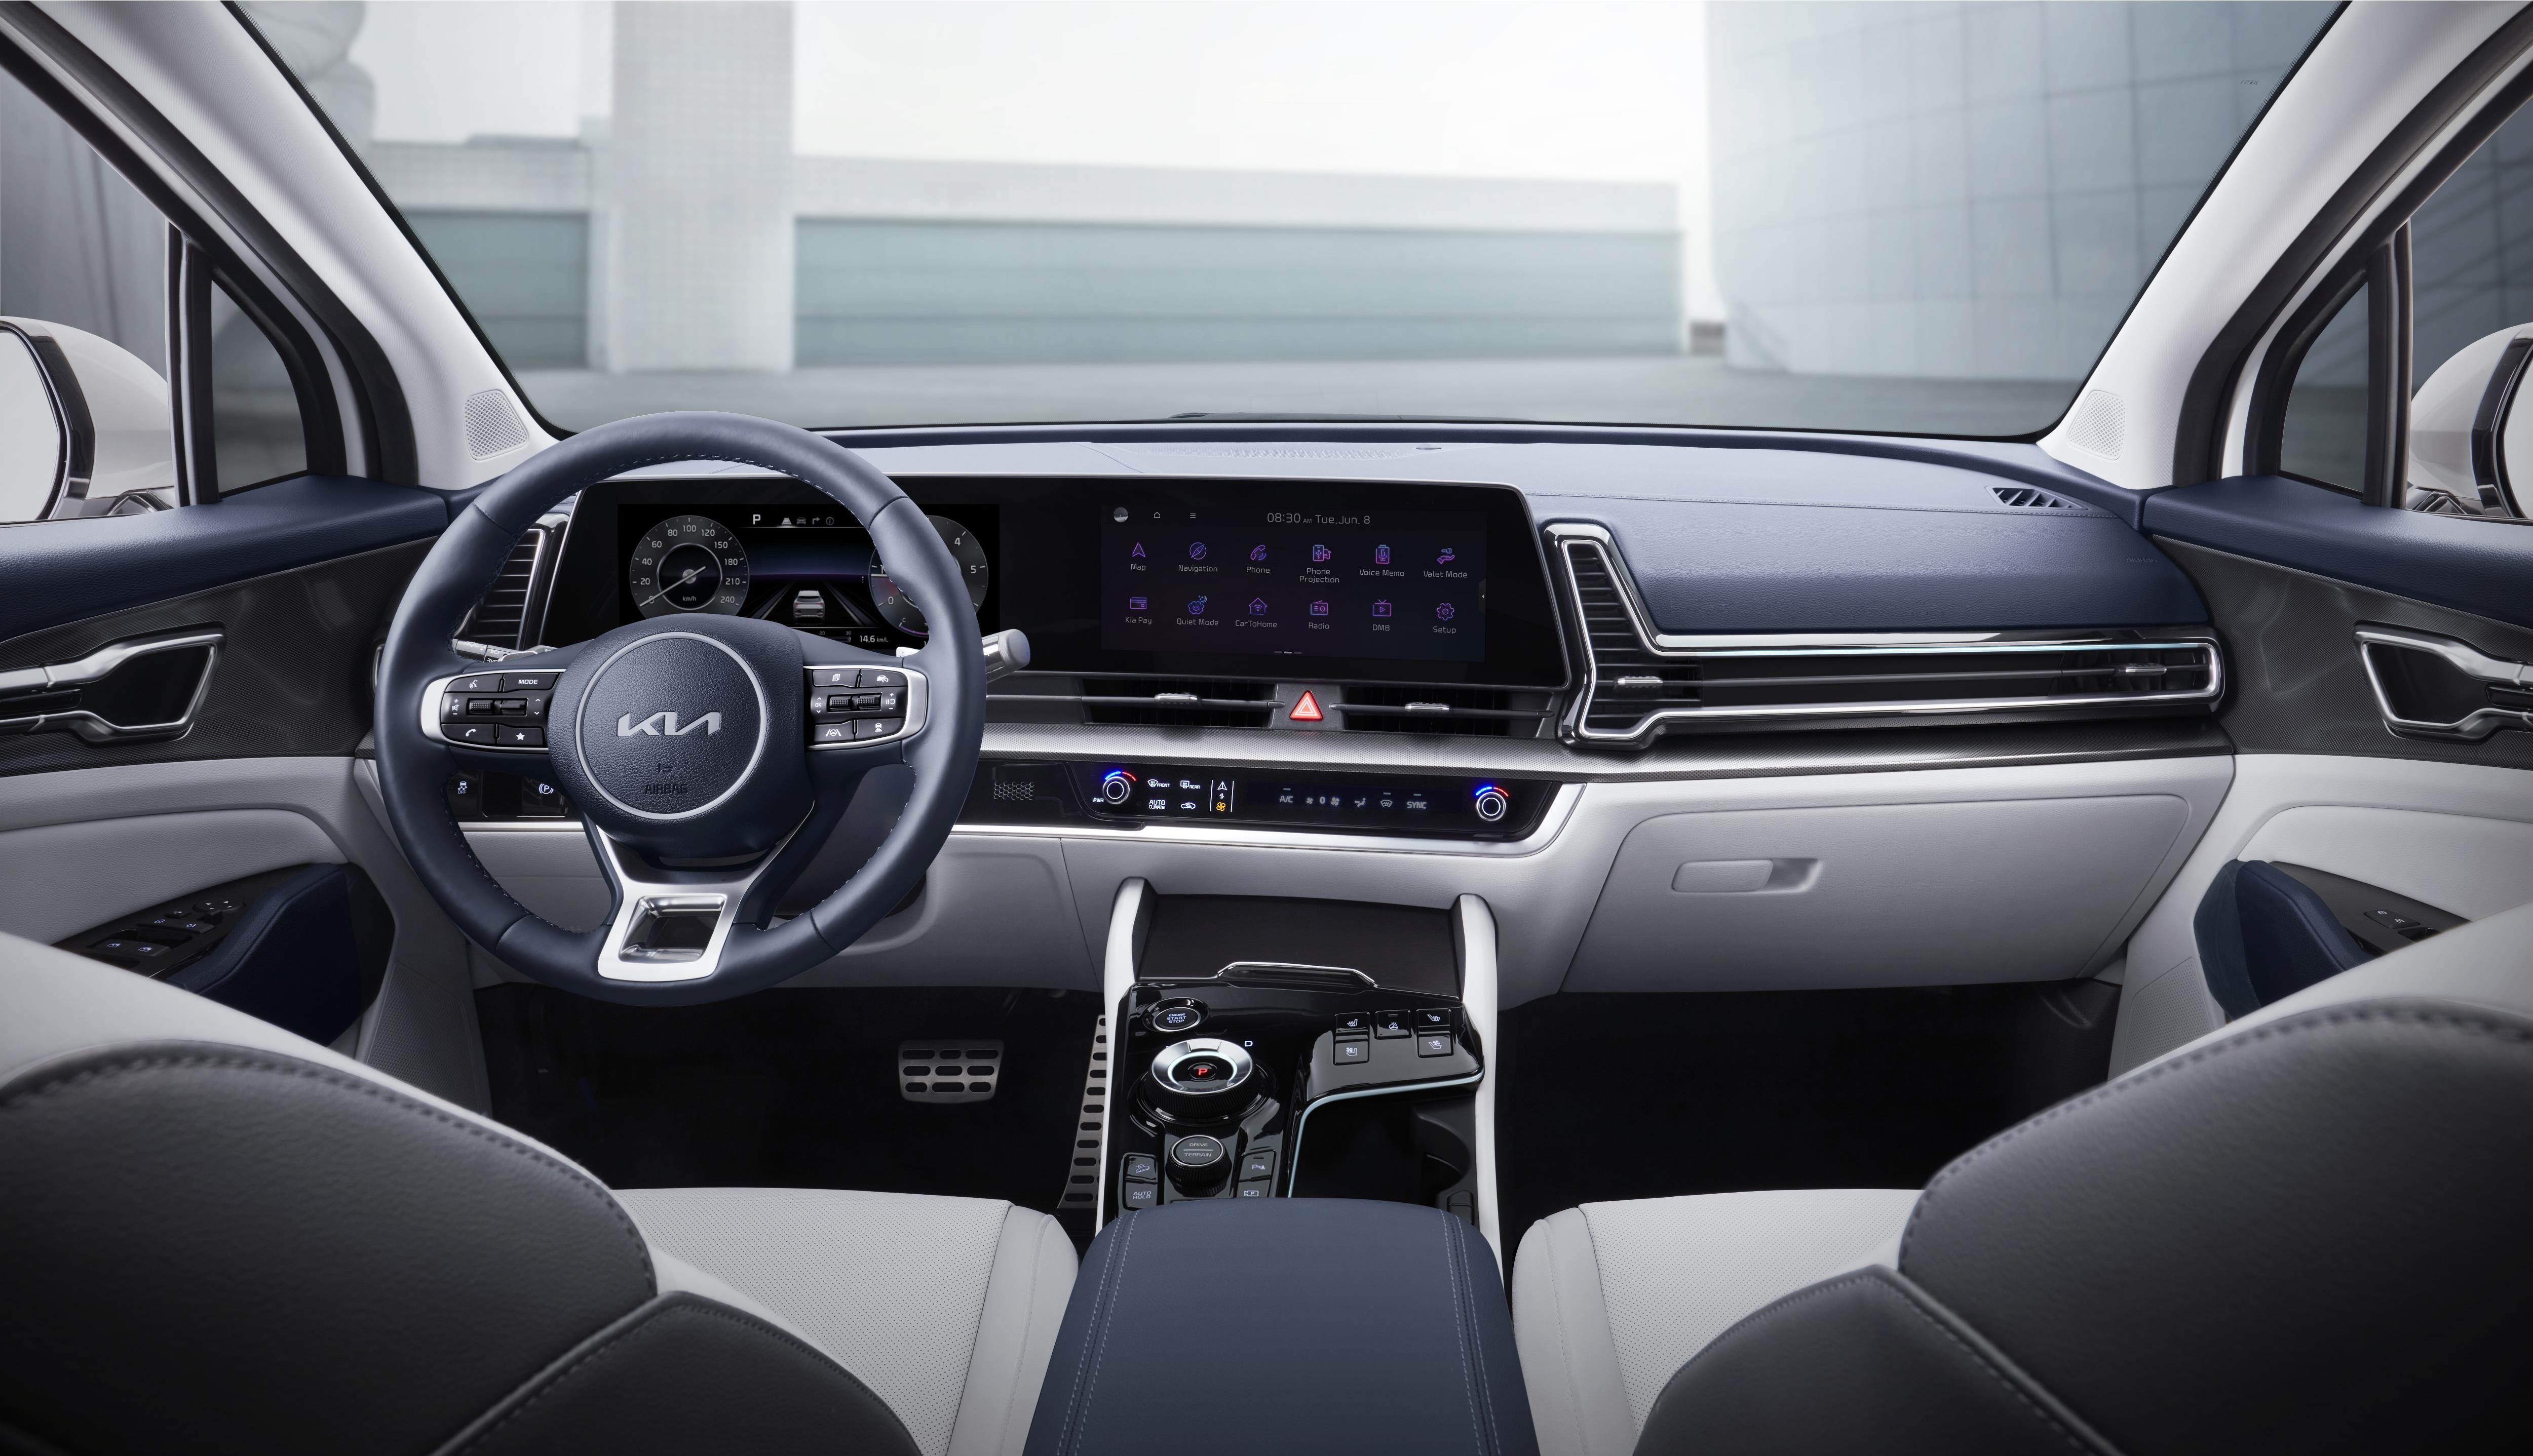 The interior of the 2022 Kia Sportage SUV